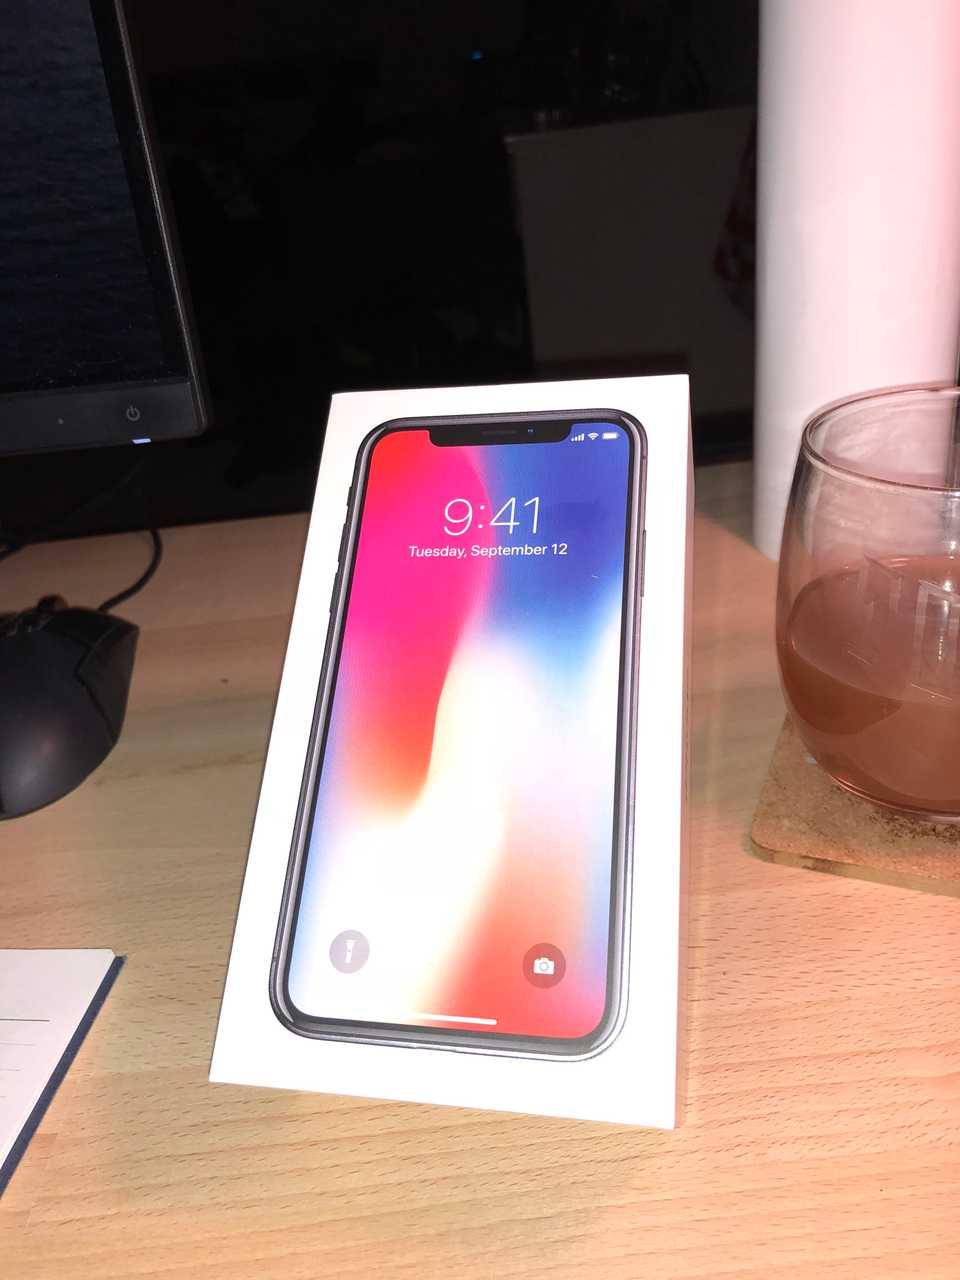 iphonex in box